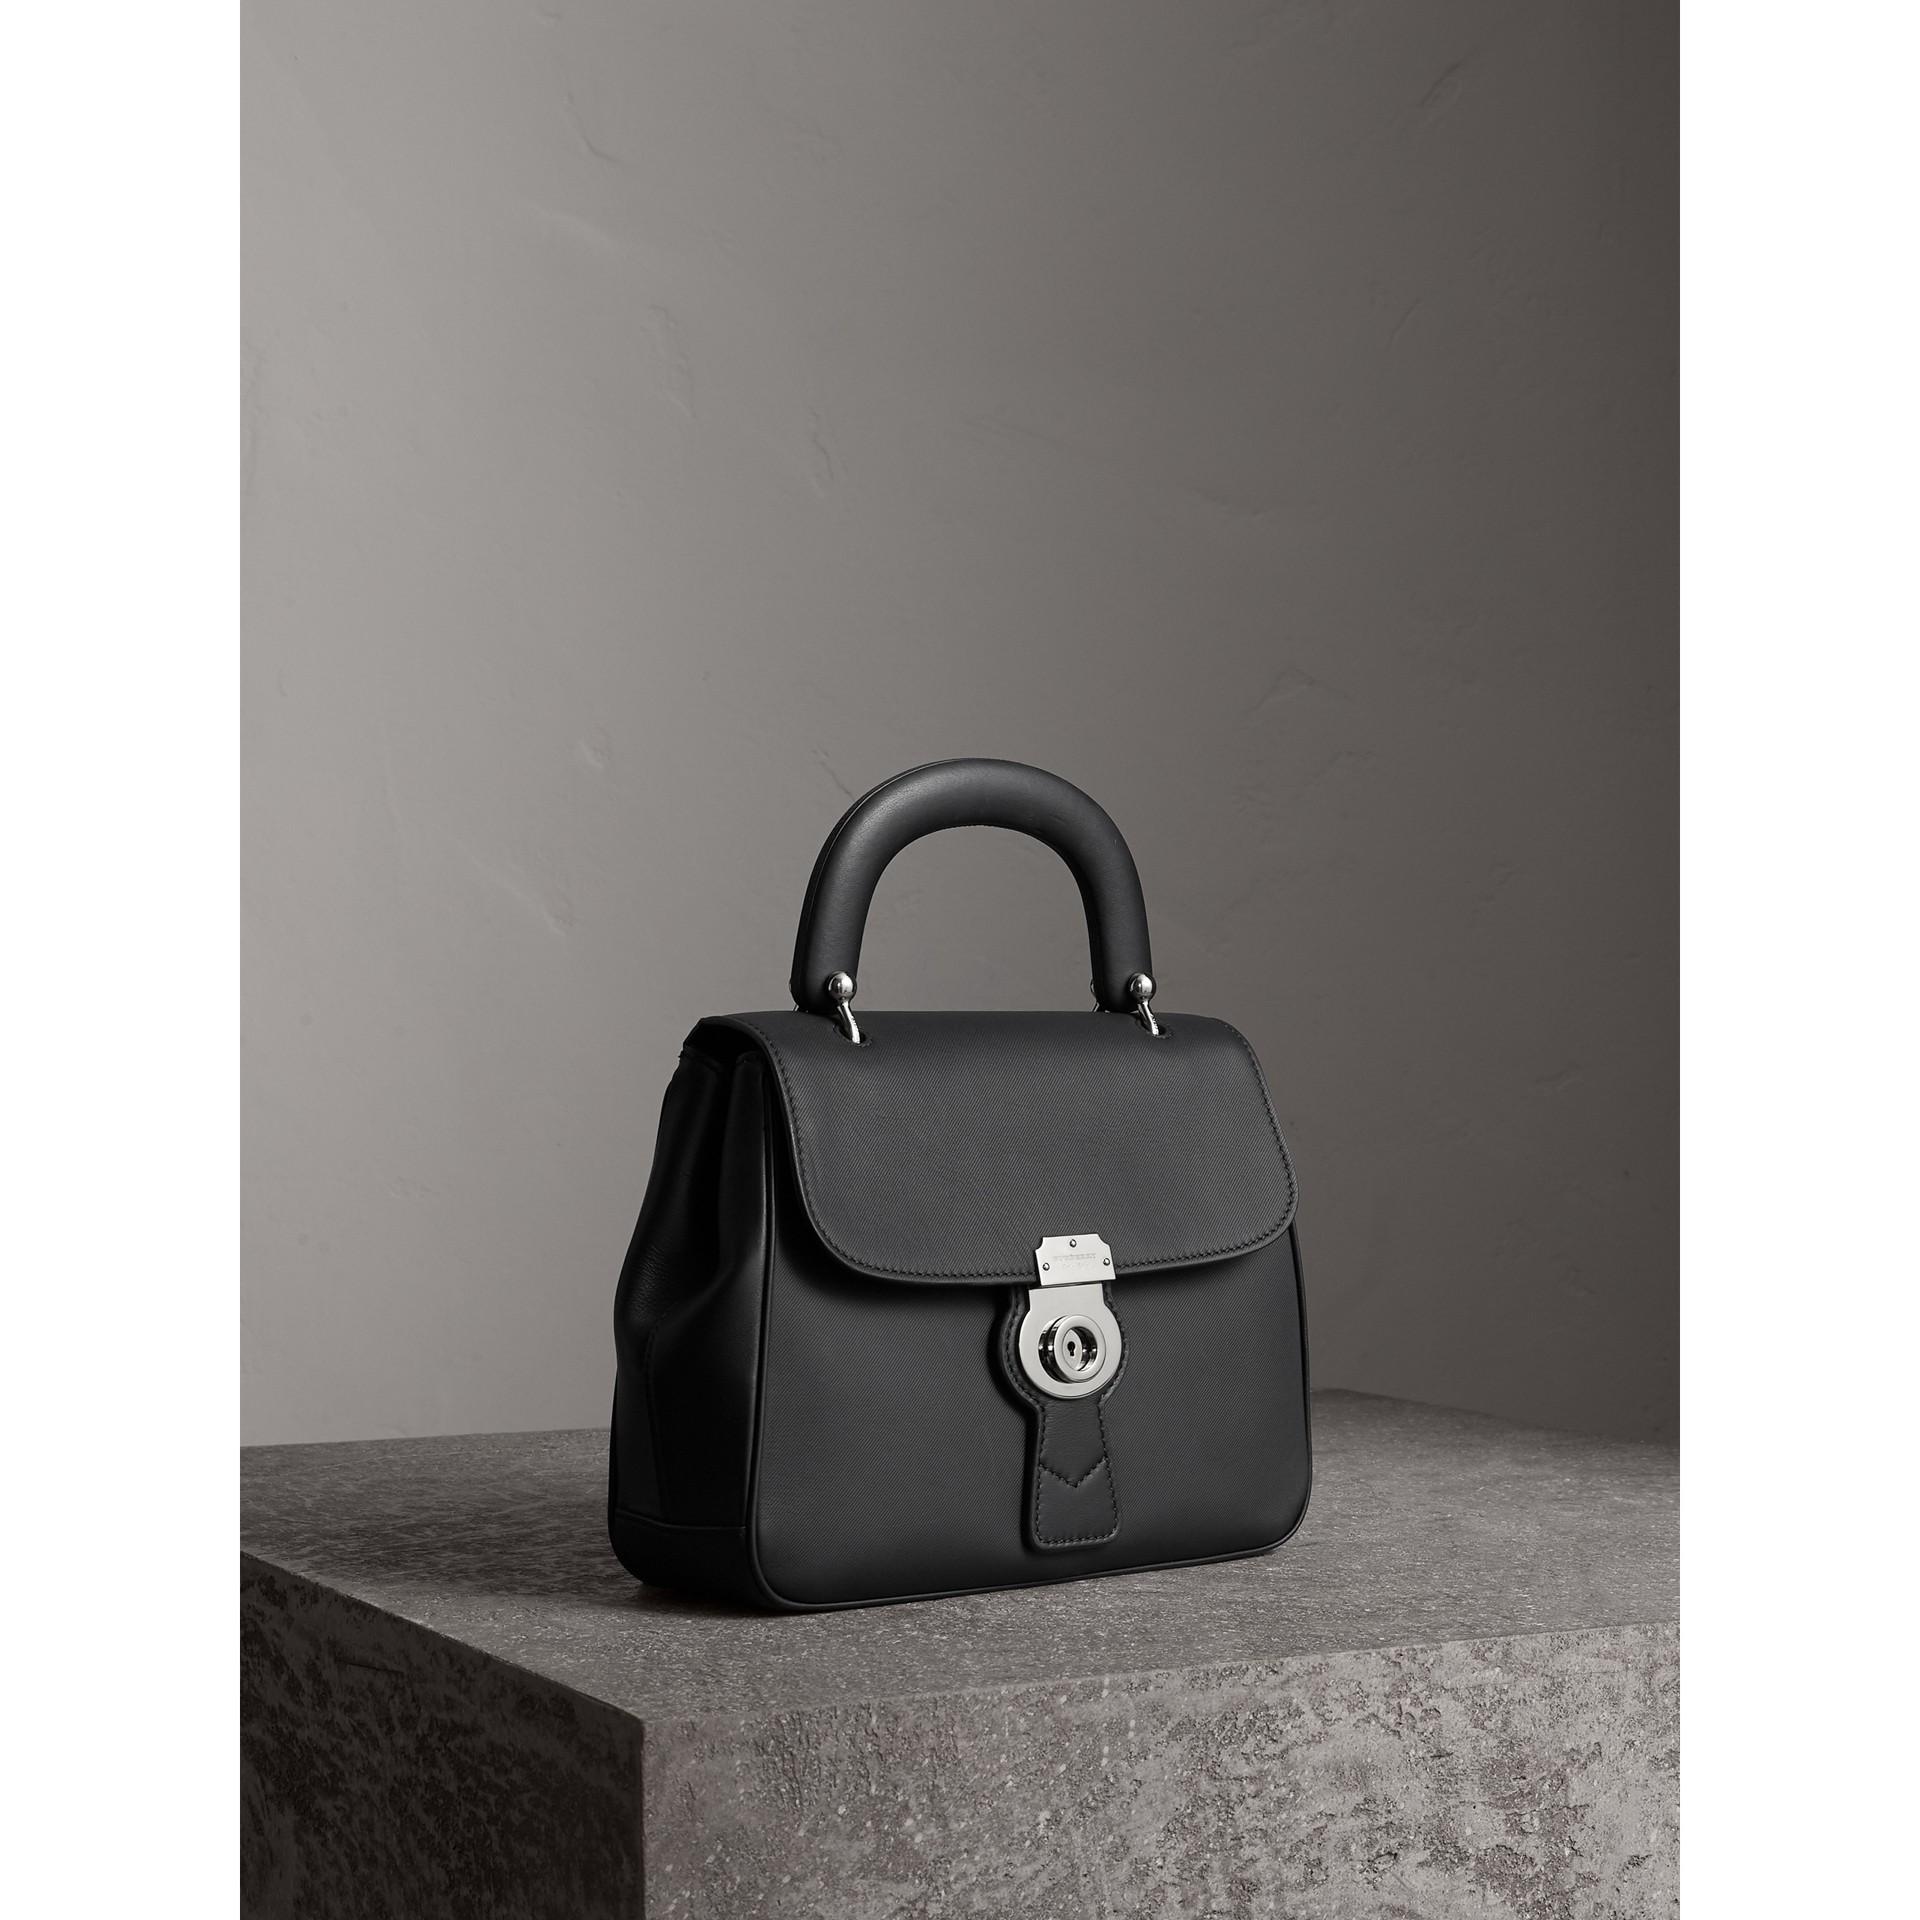 Bolsa de mão DK88 - Média (Preto 2) - Mulheres | Burberry - galeria de imagens 7